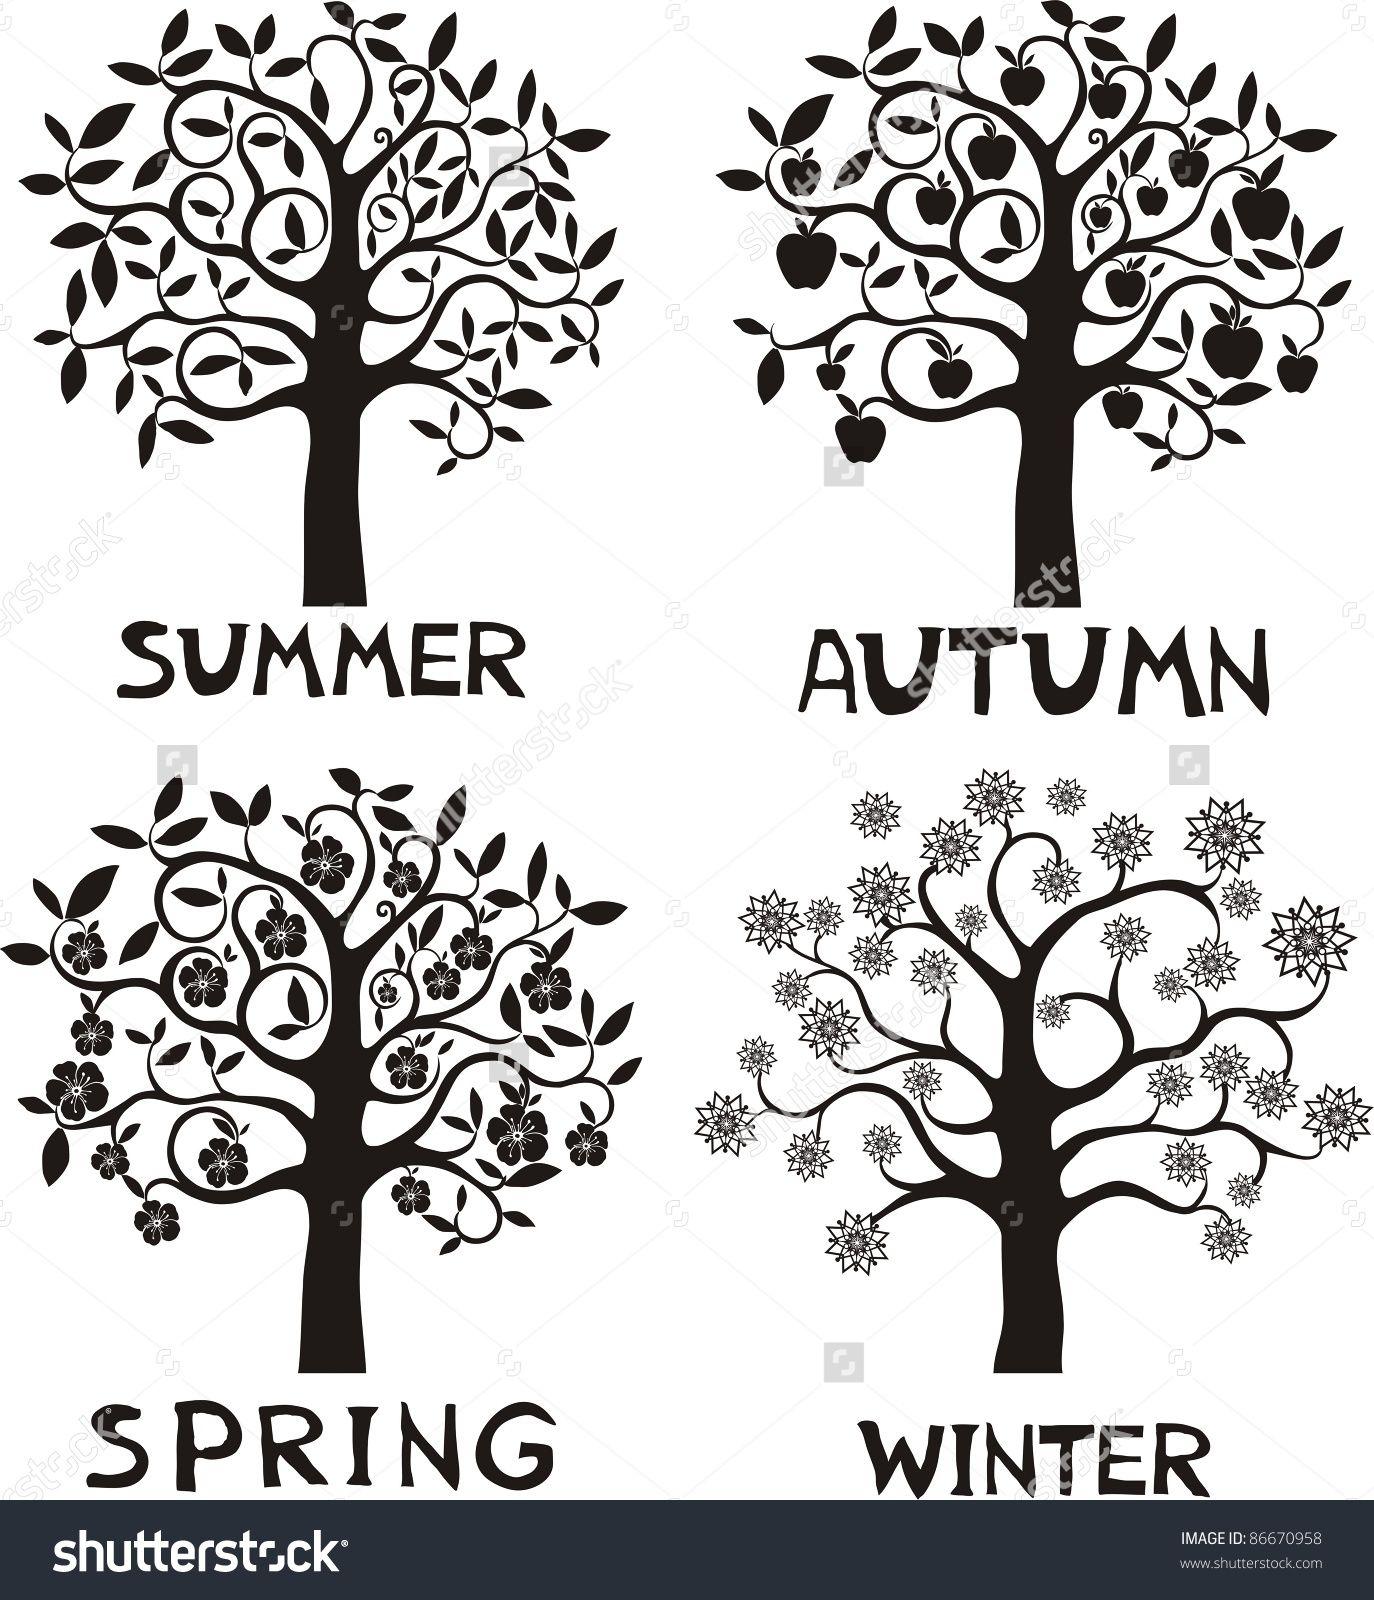 Four Seasons Tree Worksheet